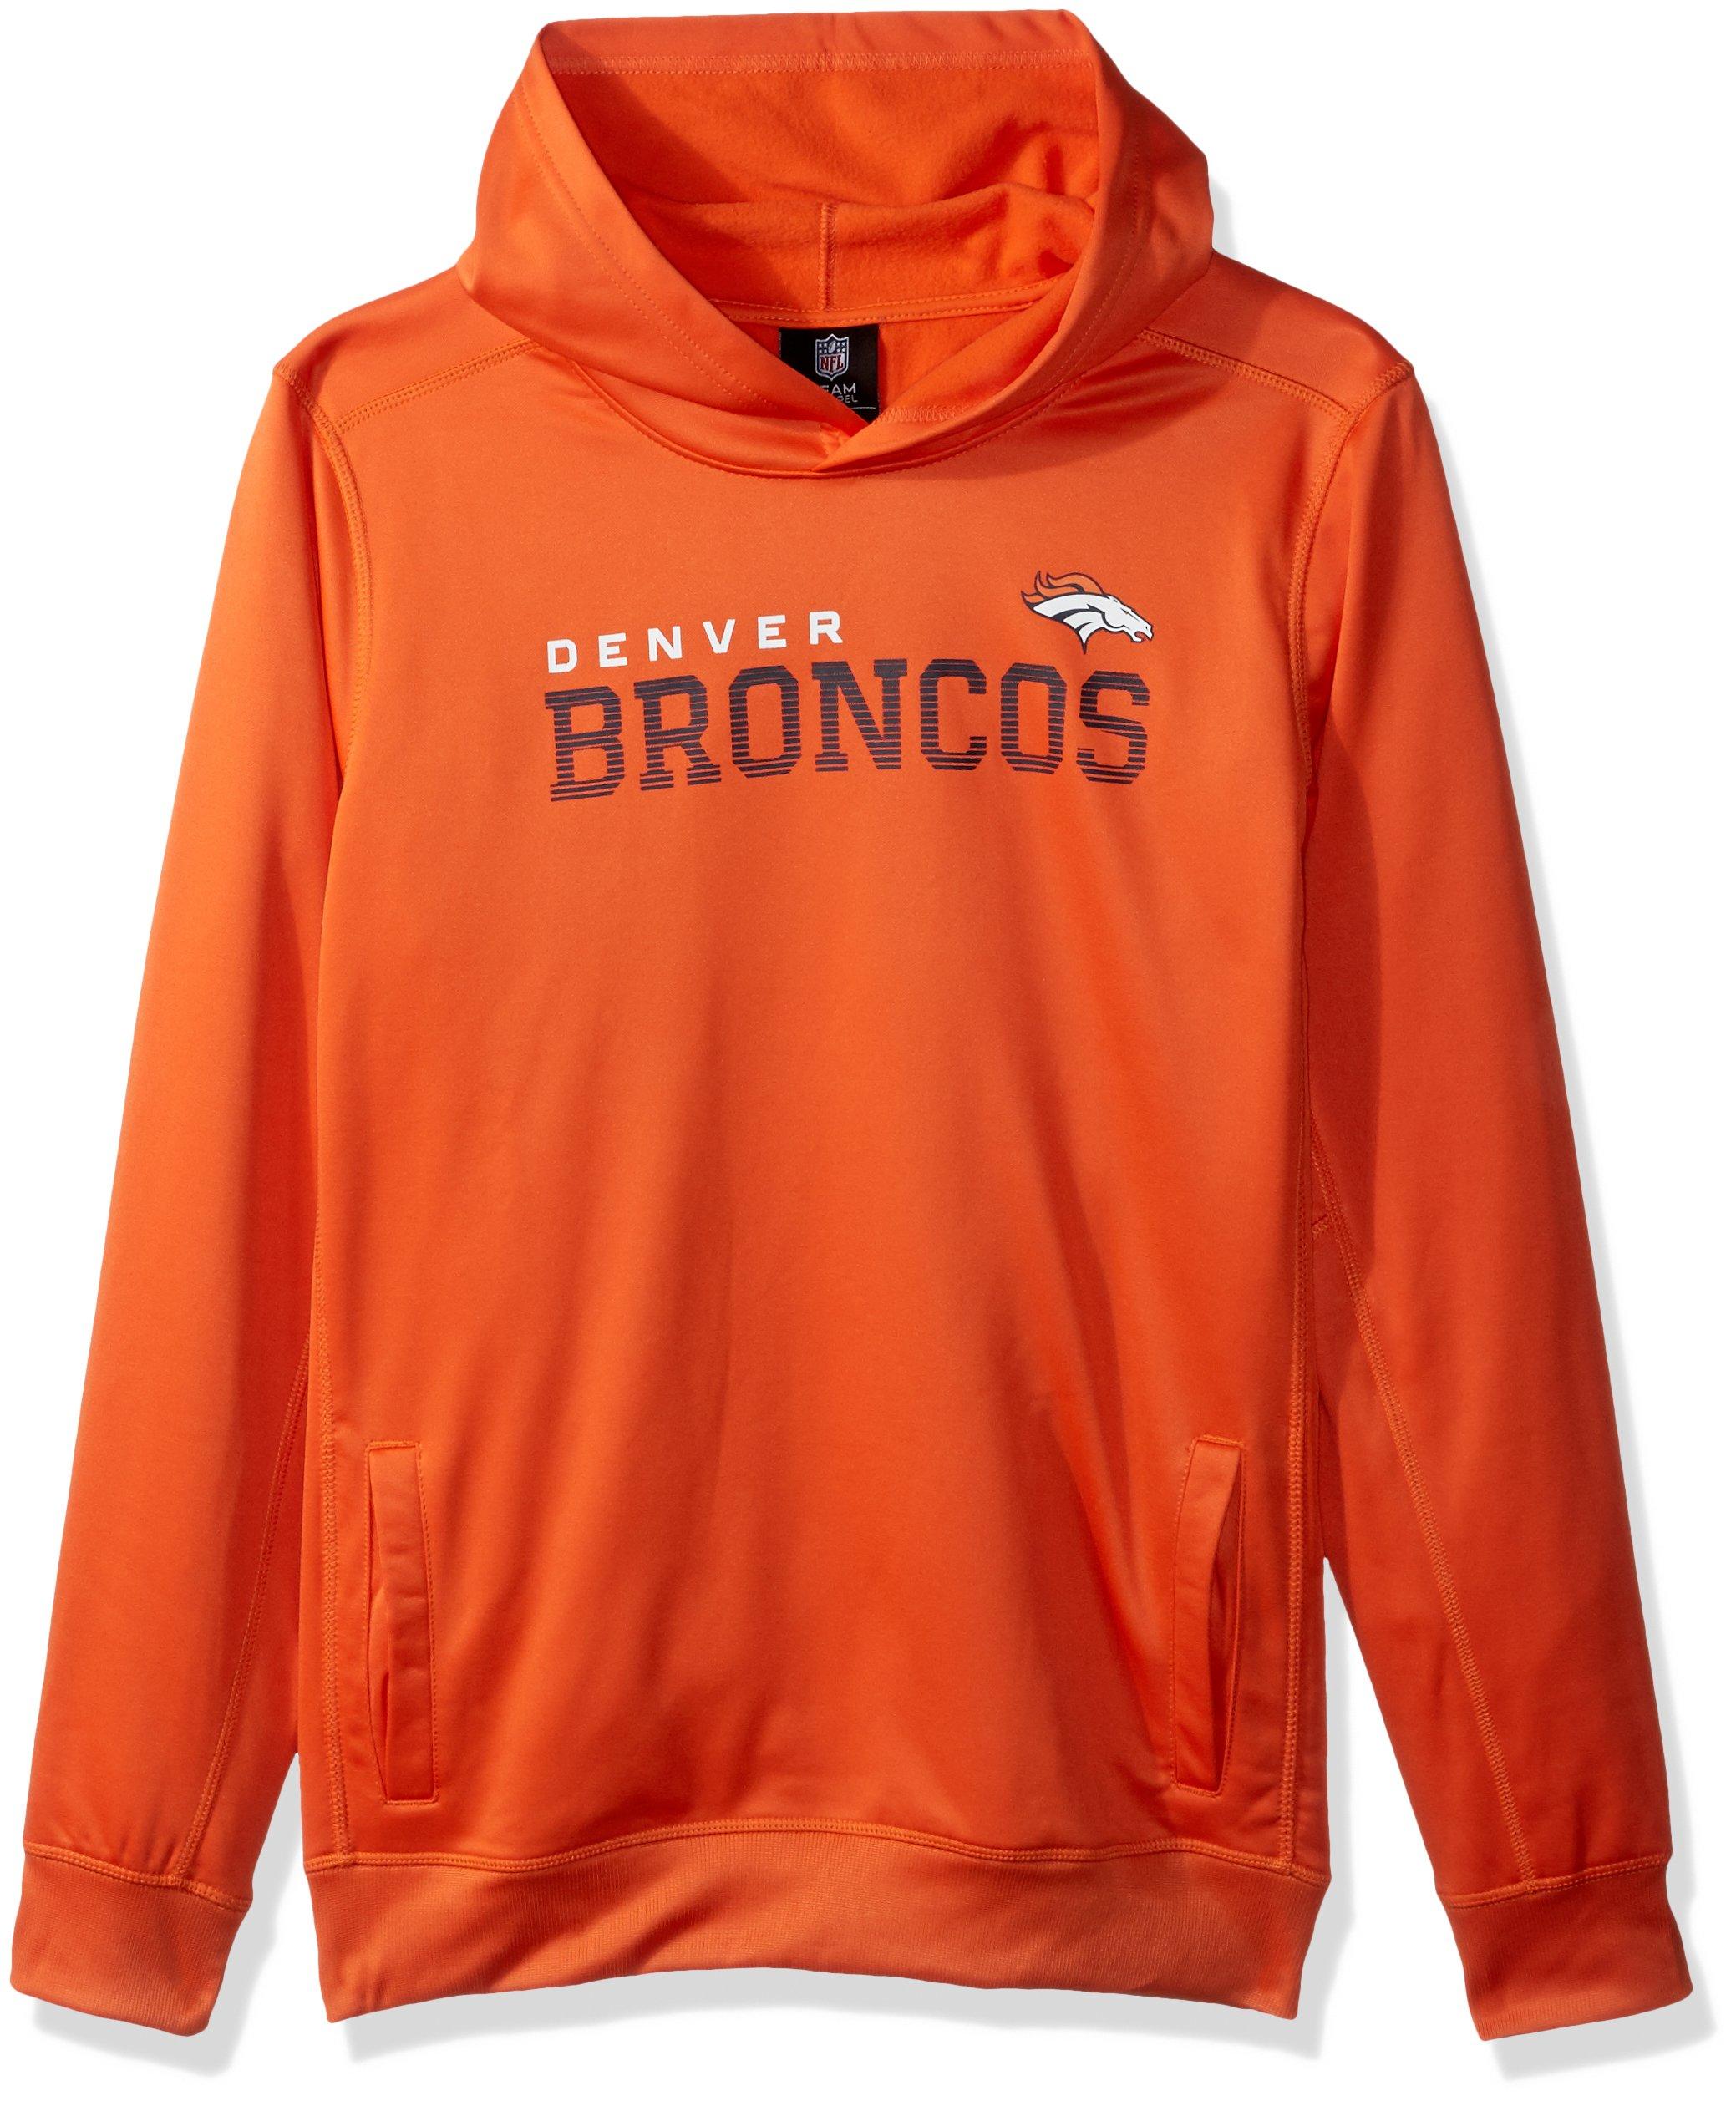 Outerstuff NFL Denver Broncos Boys Youth Next Level Performance Fleece Hood, Orange, Large(14-16)